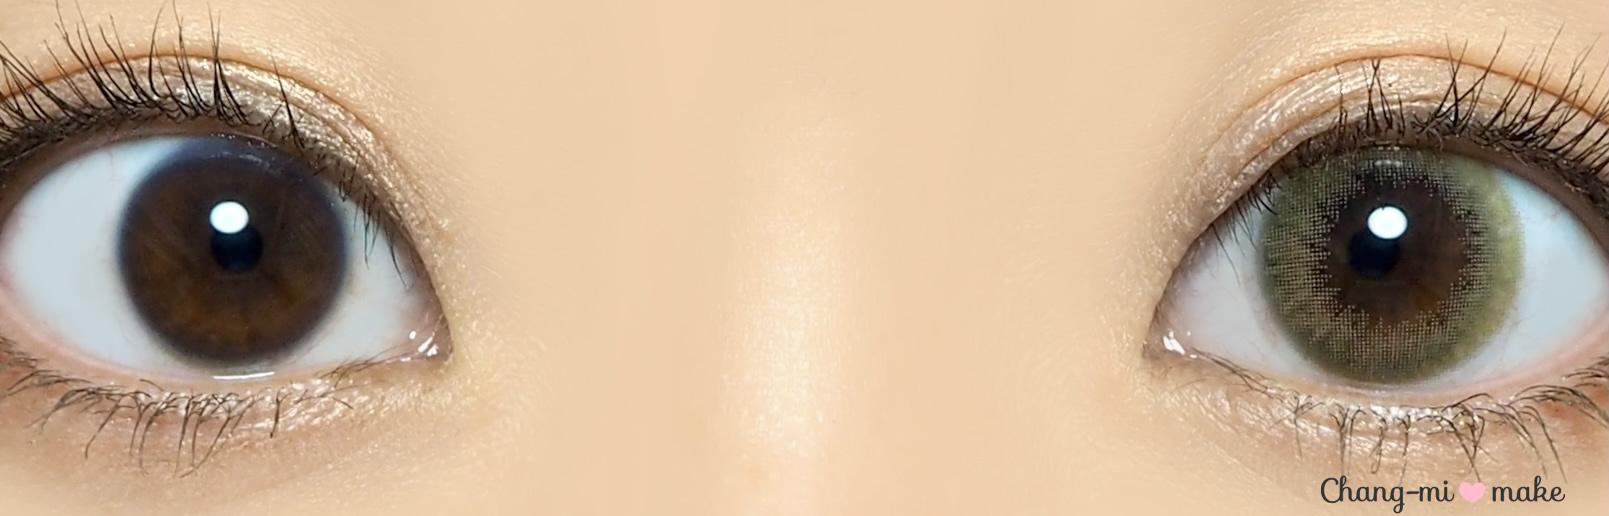 黒胡麻ソフトレンズ12